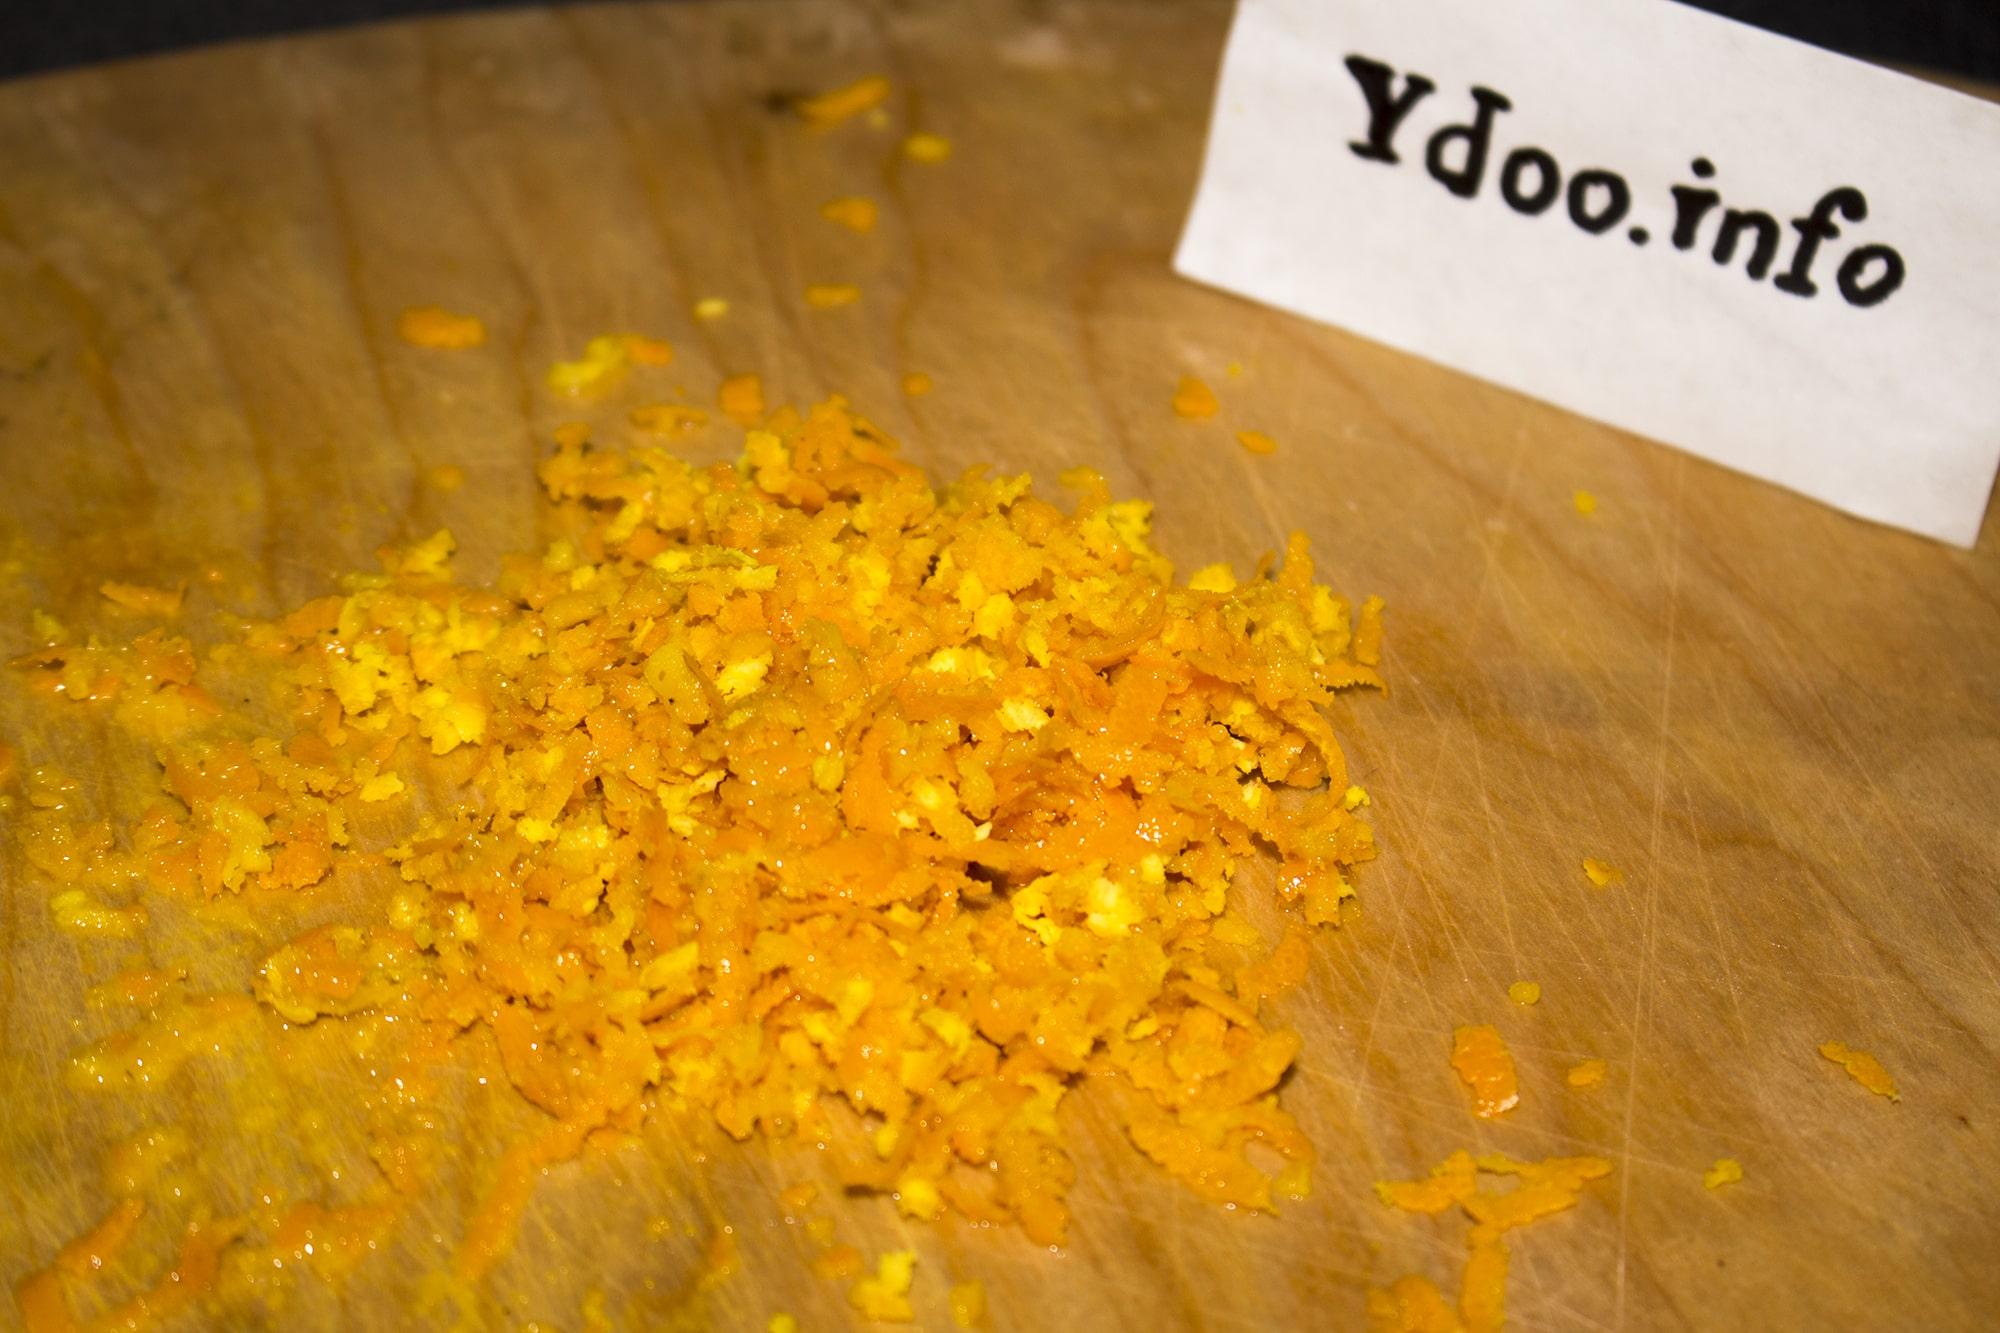 लकड़ी के बोर्ड पर नारंगी ज़ेस्ट्रा terching